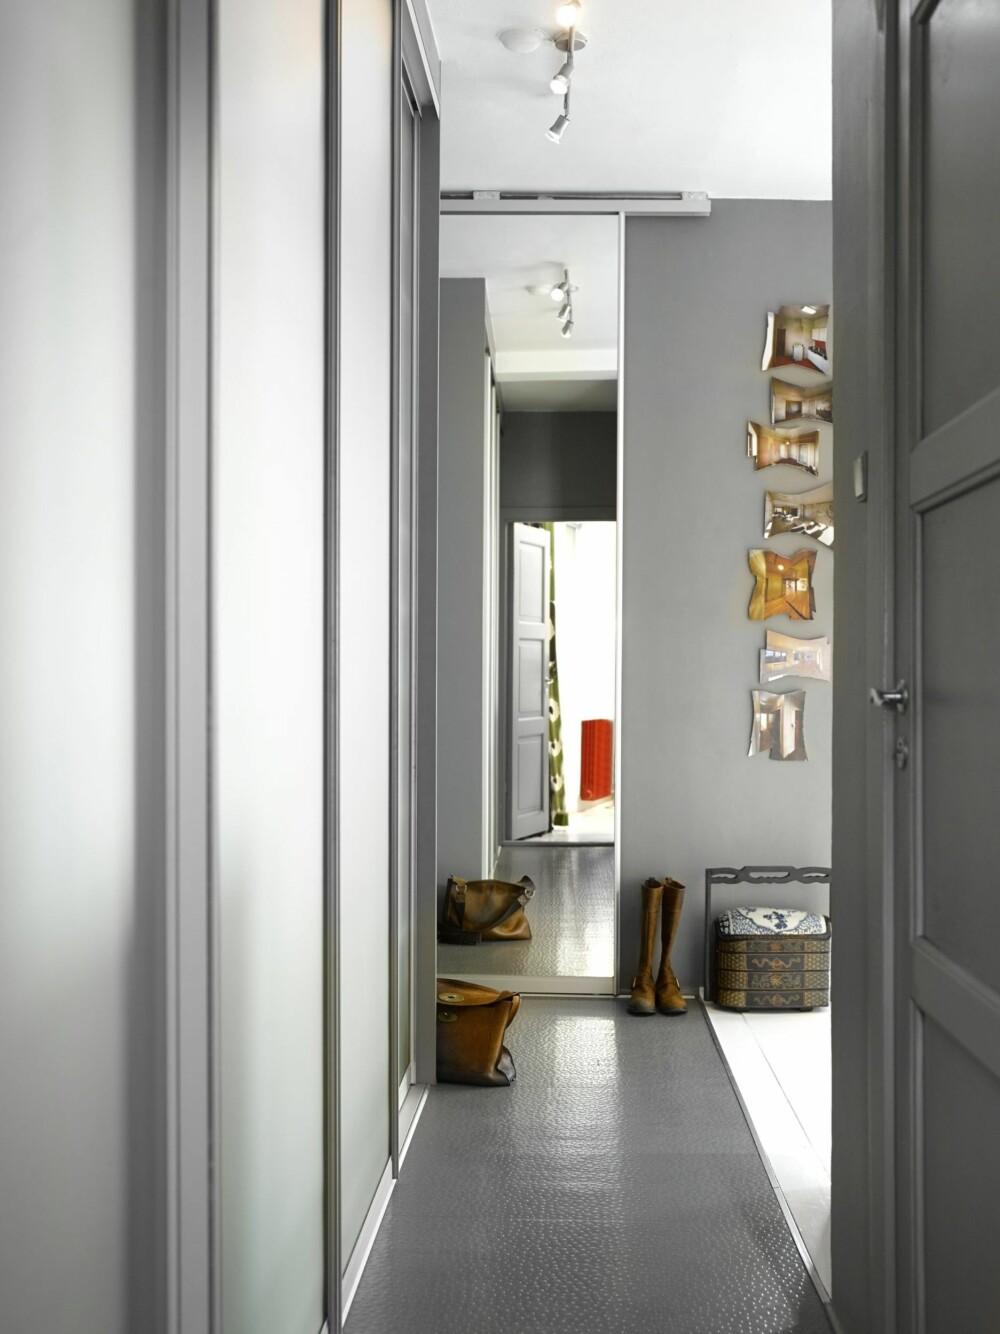 FIN EFFEKT: Speilet er en skyvedør, bak den ligger garderobeskap. Kontoret speiles i fronten, til høyre er det åpne kjøkkenet. Grått linoleumsbelegg tåler en støyt og gjennomført fargebruk fremhever rommenes linjer. Bildene på veggen viser leiligheten før renoveringen.